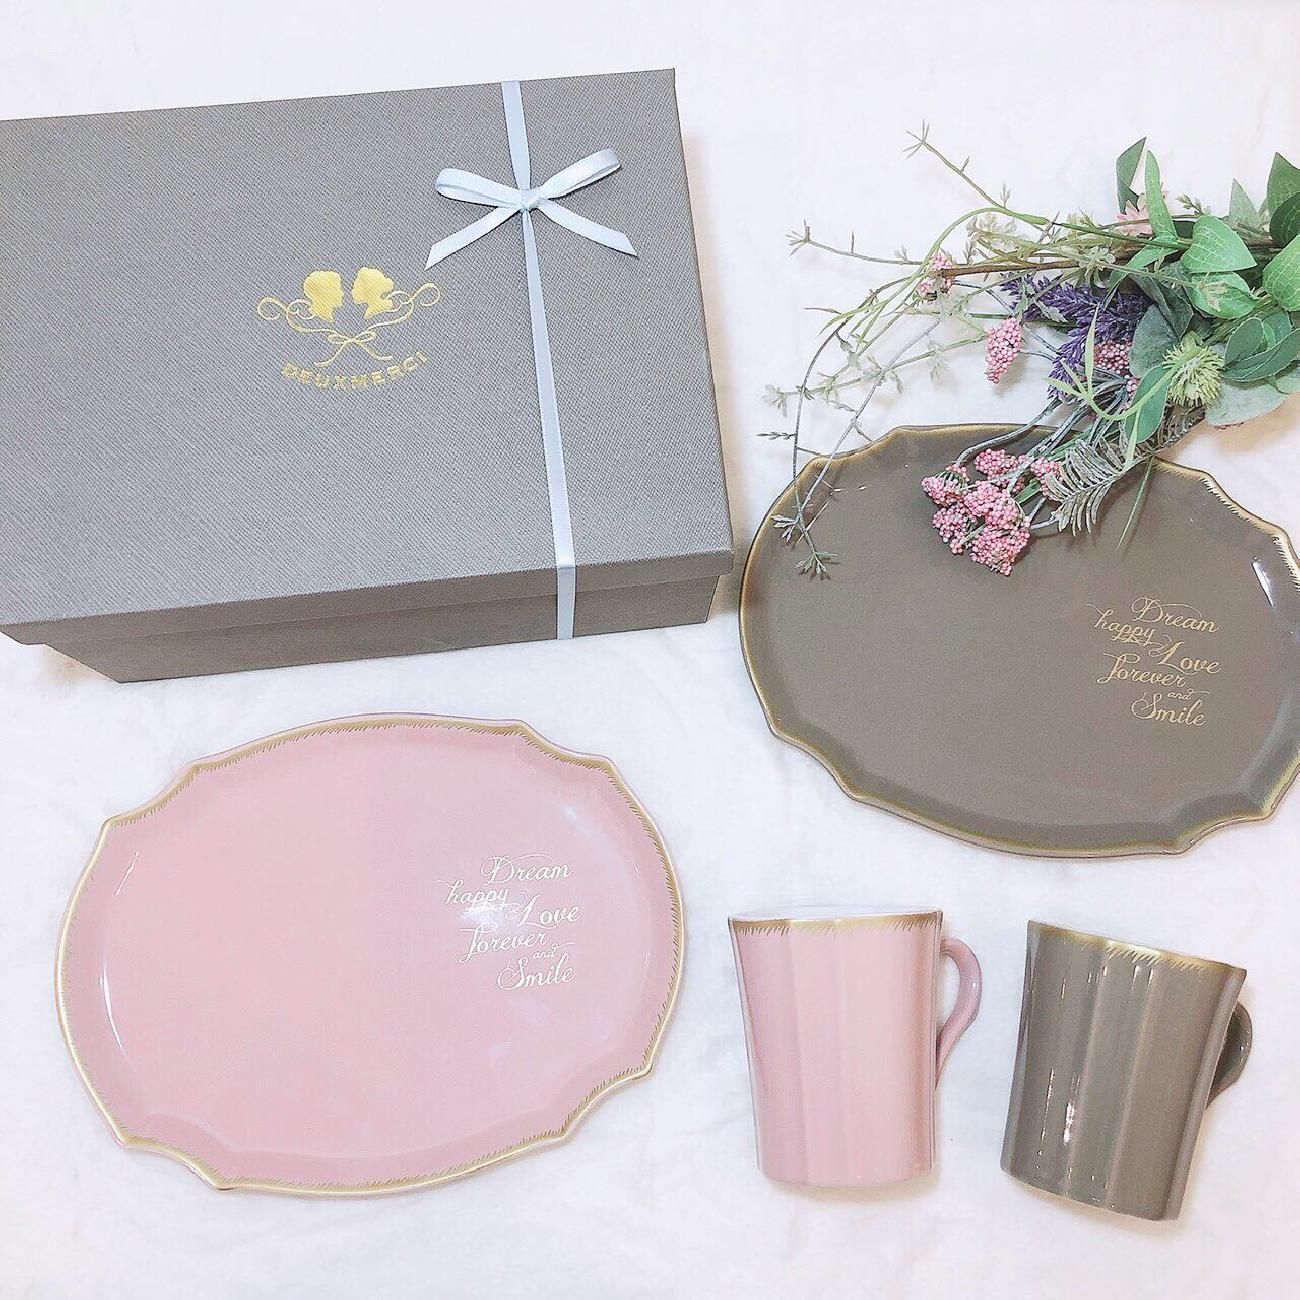 食器セット/結婚祝い/新築祝い/御祝/ギフト/贈り物